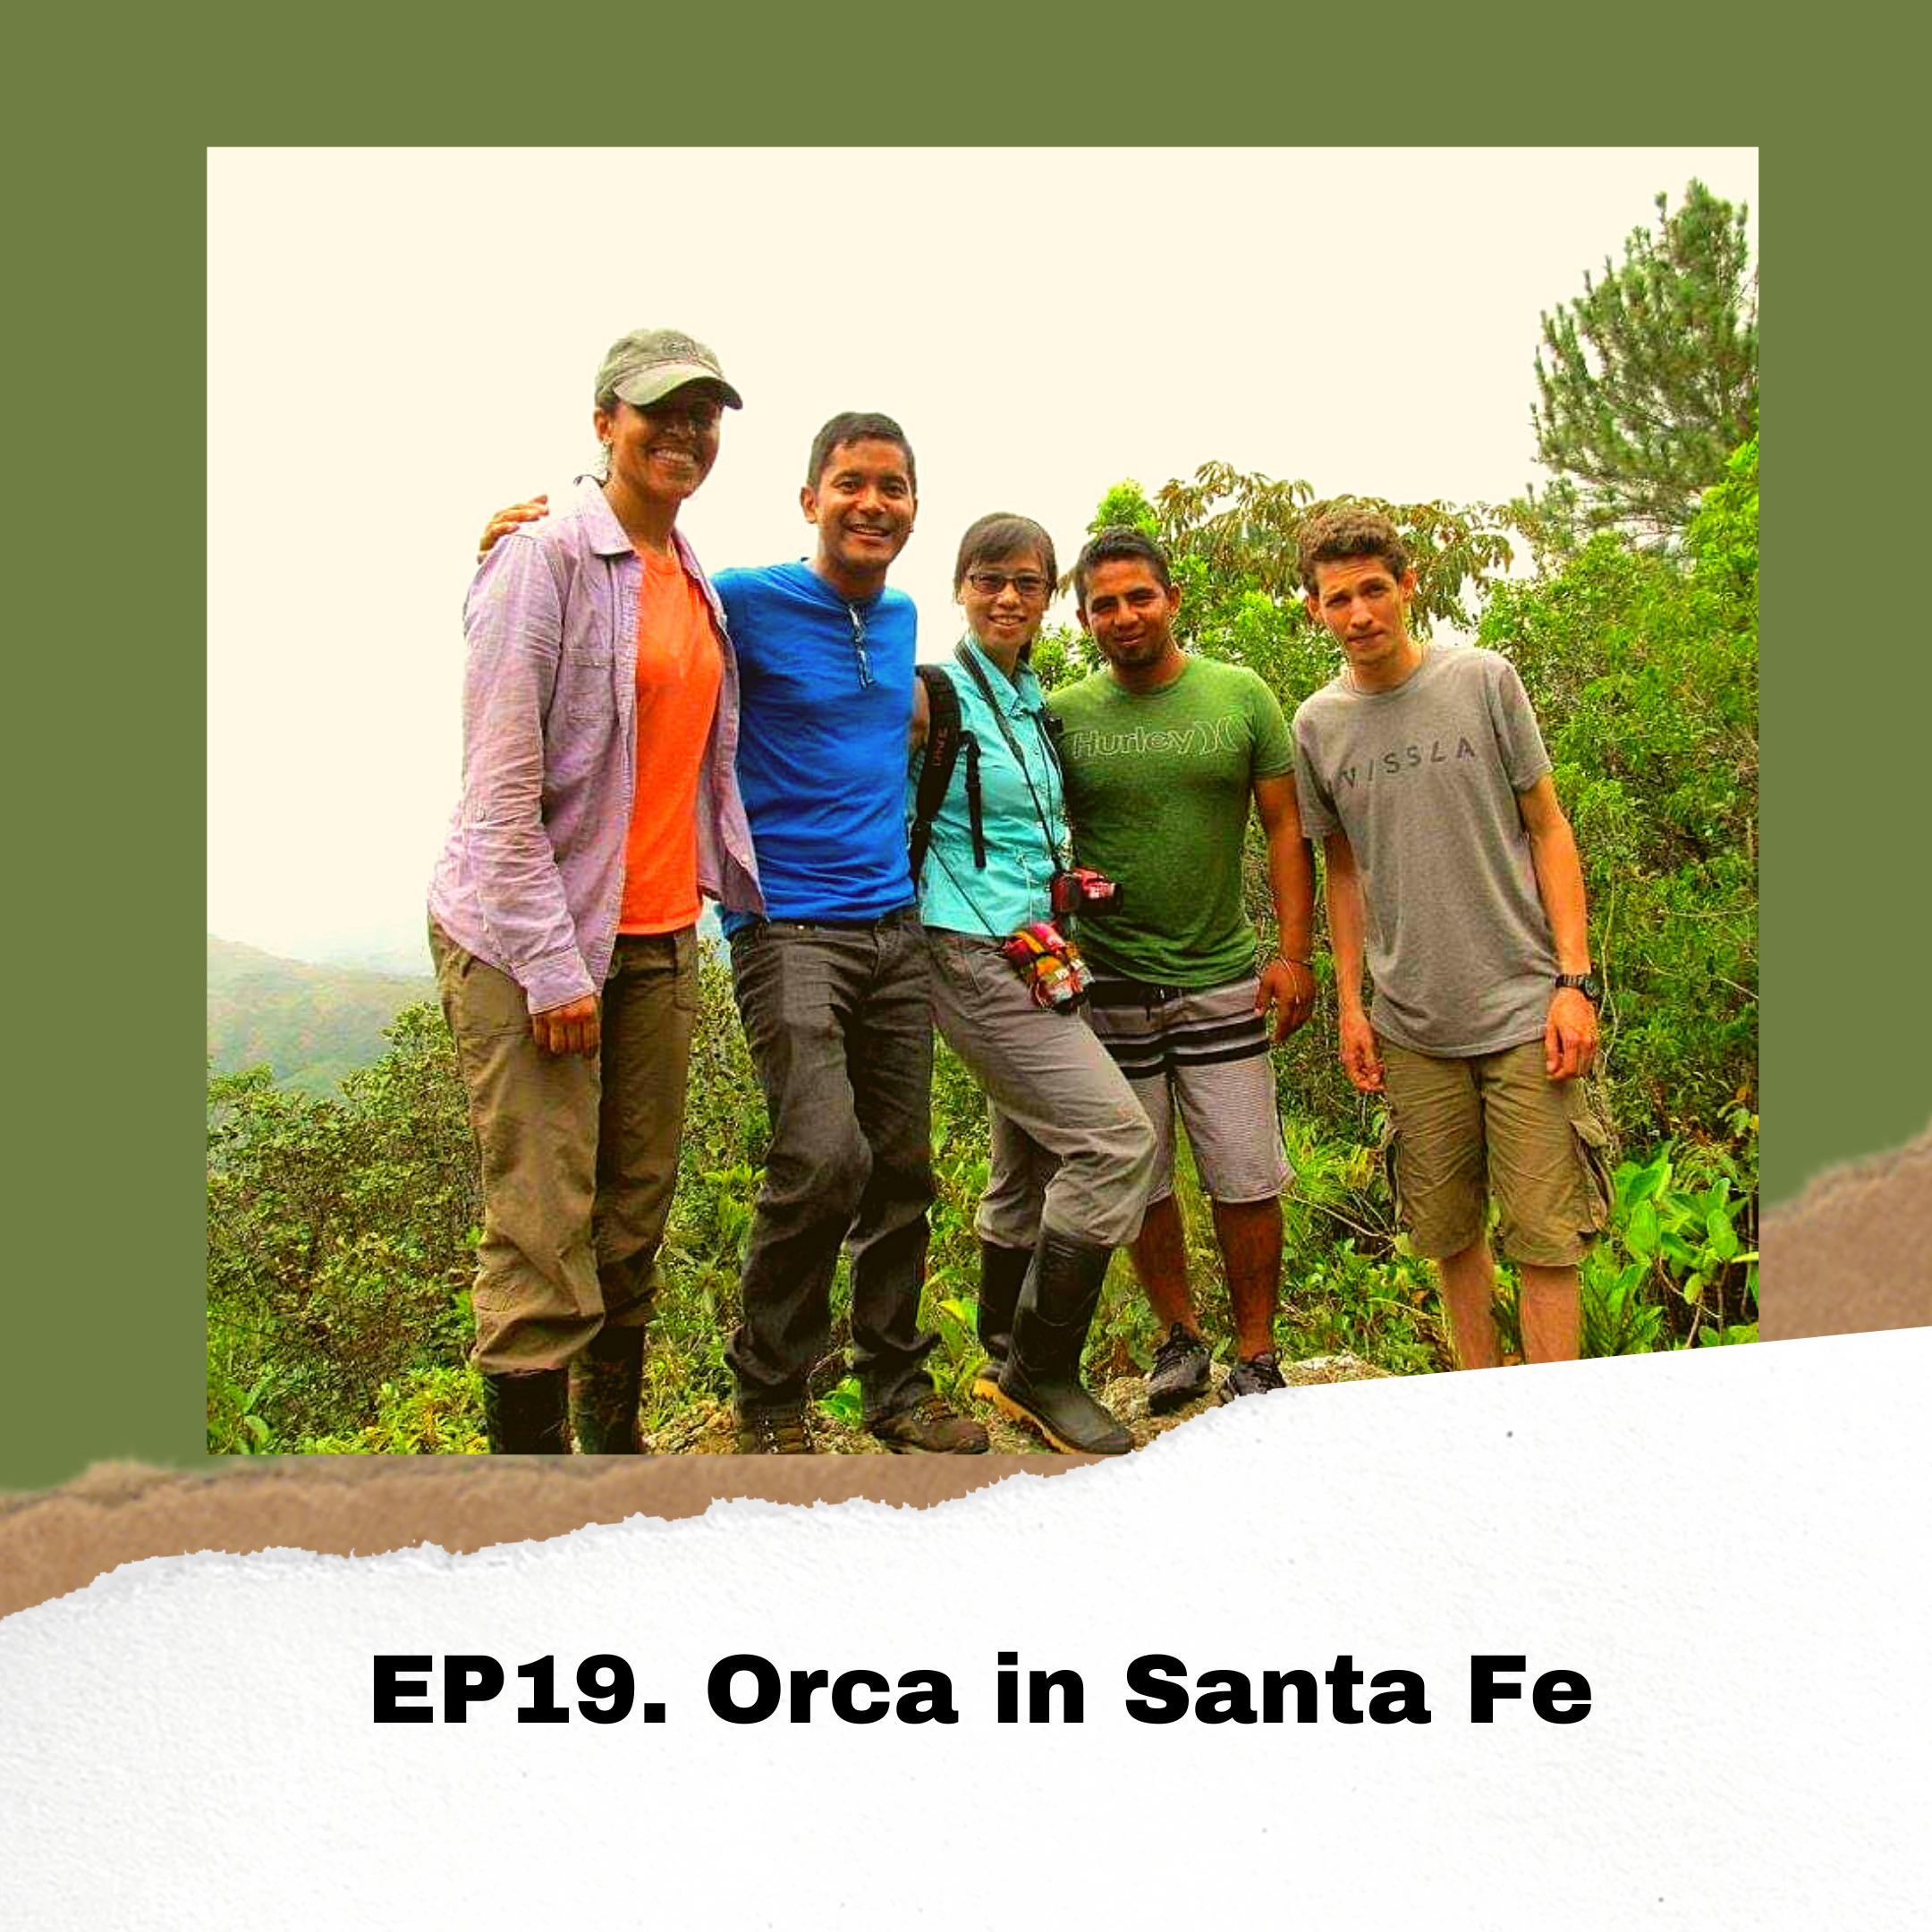 #19 先別說旅行了,你聽過Santa Fe嗎?│歐卡與巴拿馬人的森林小革命